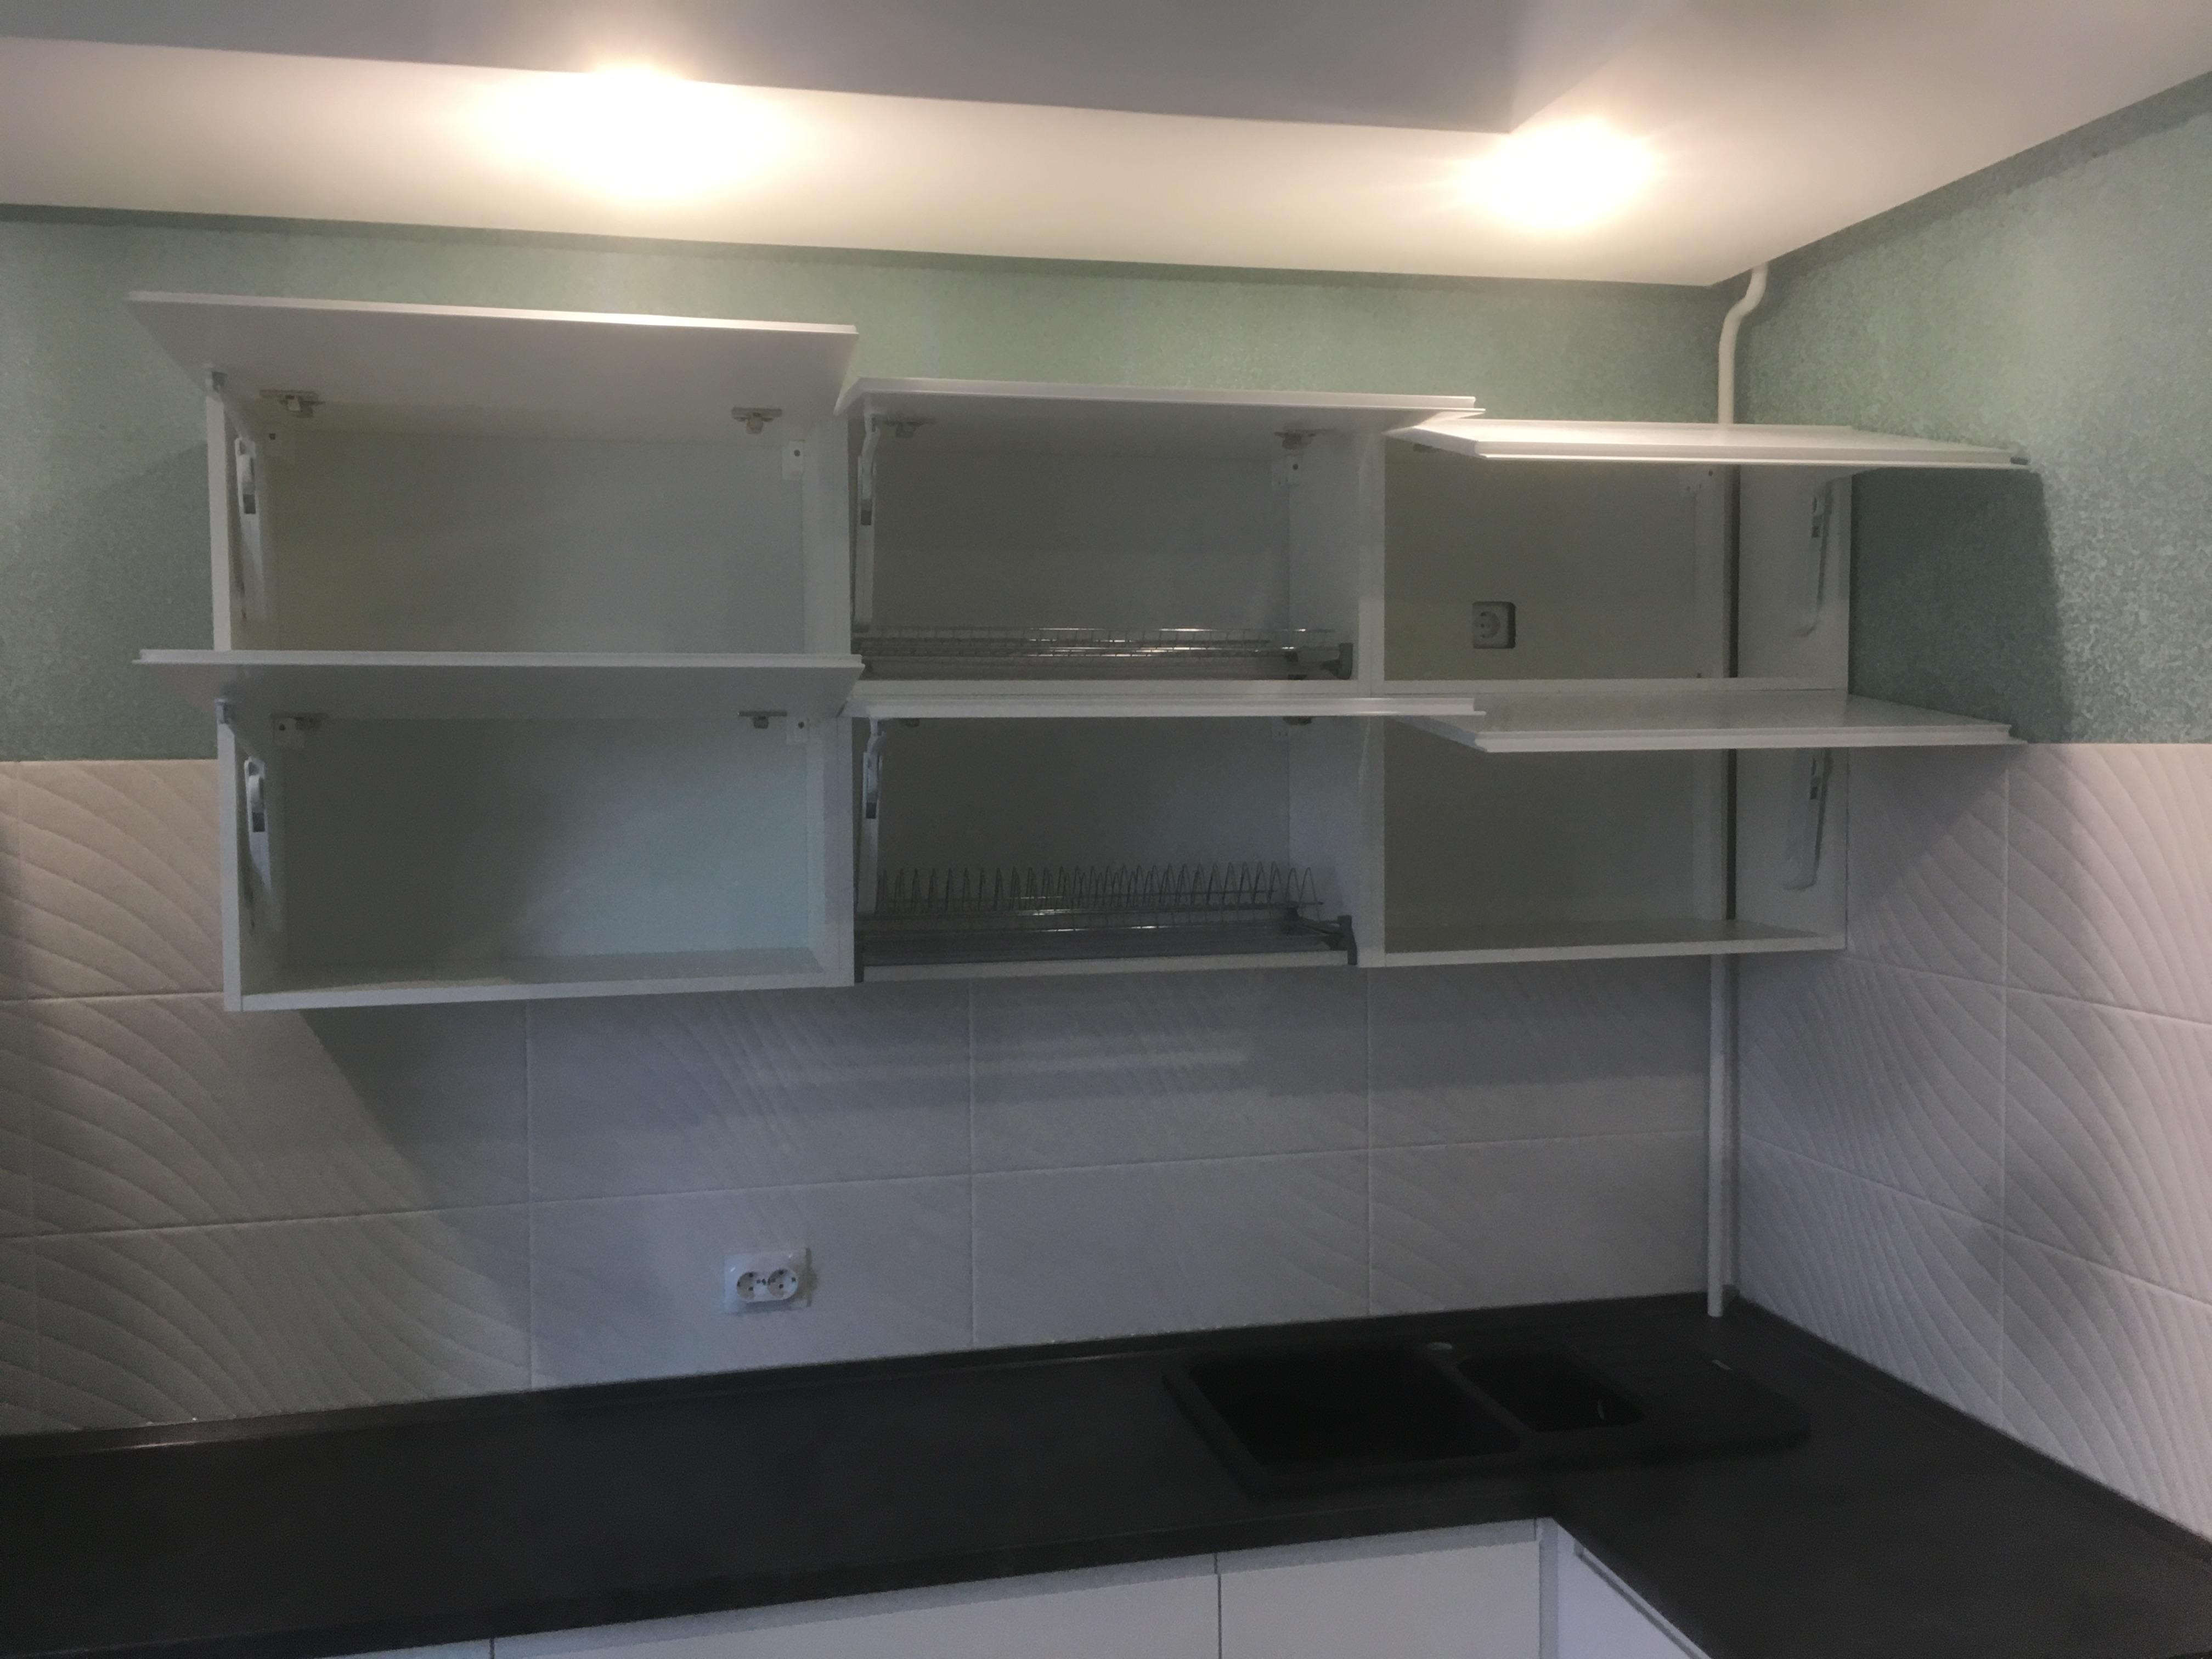 Кухня в Гомеле из крашеного МДФ Breeze 28 6